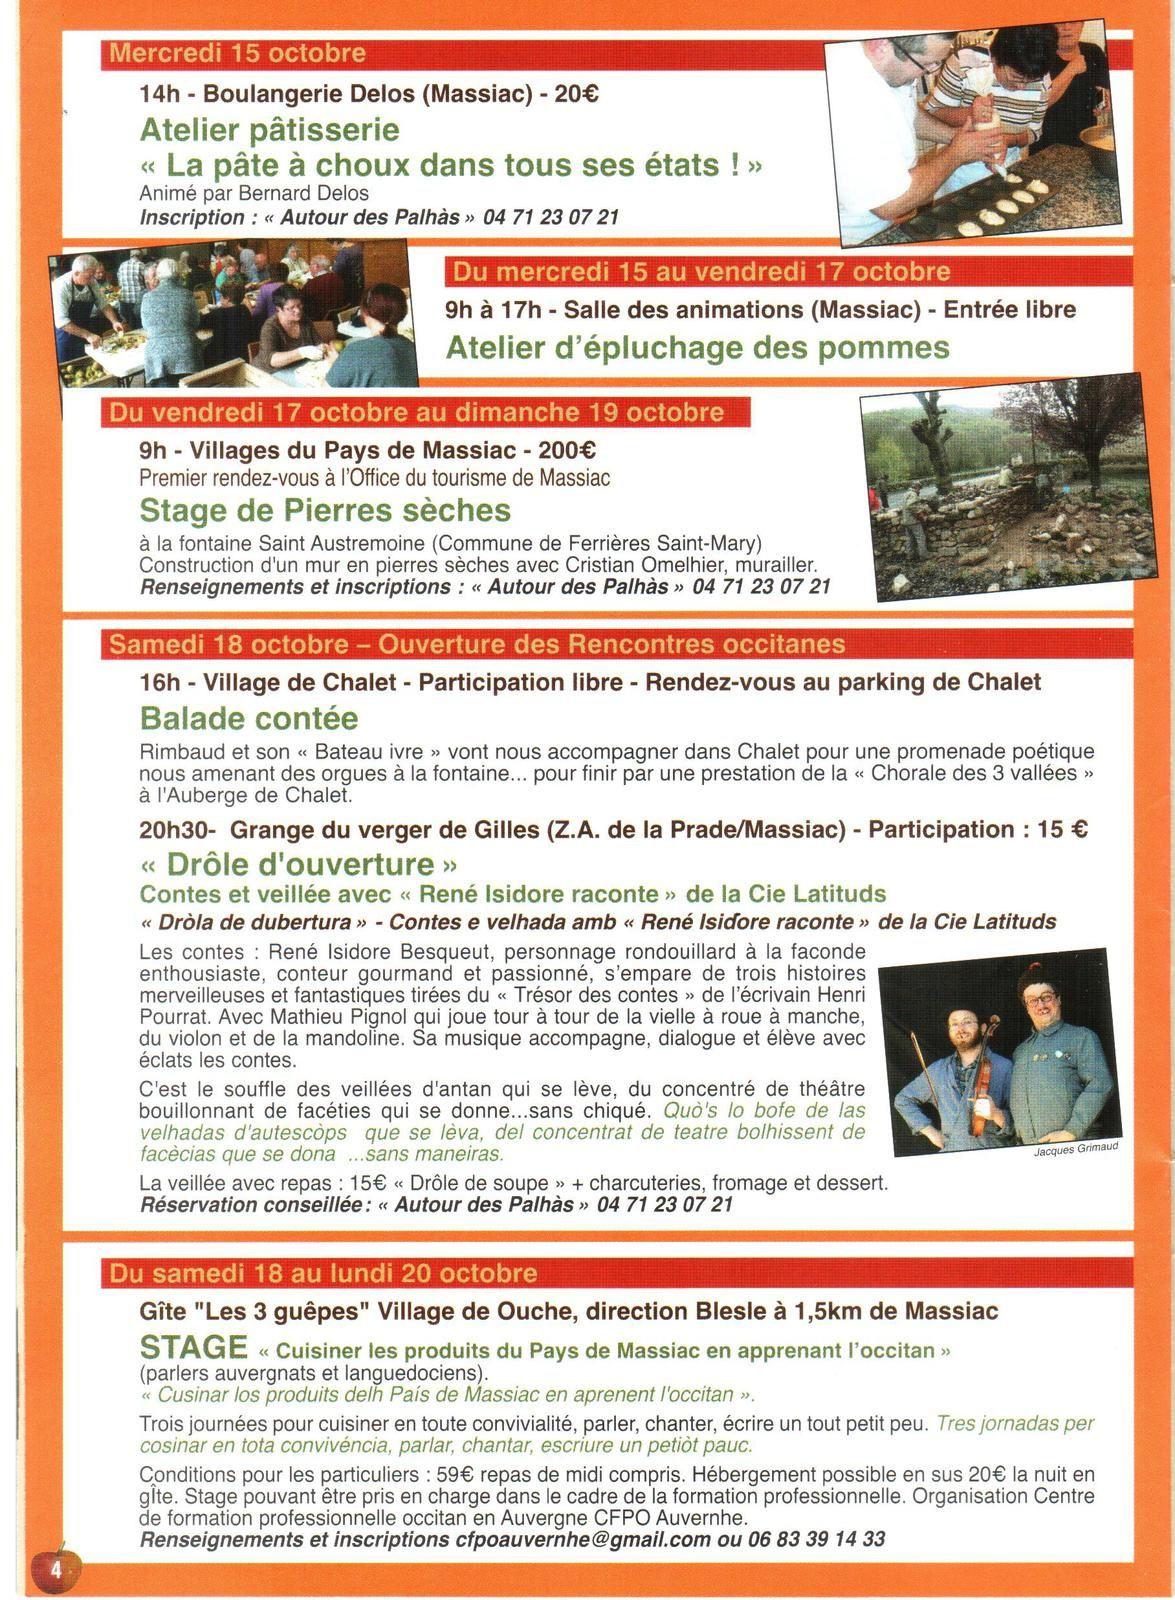 MASSIAC : La foire aux pommes 2014